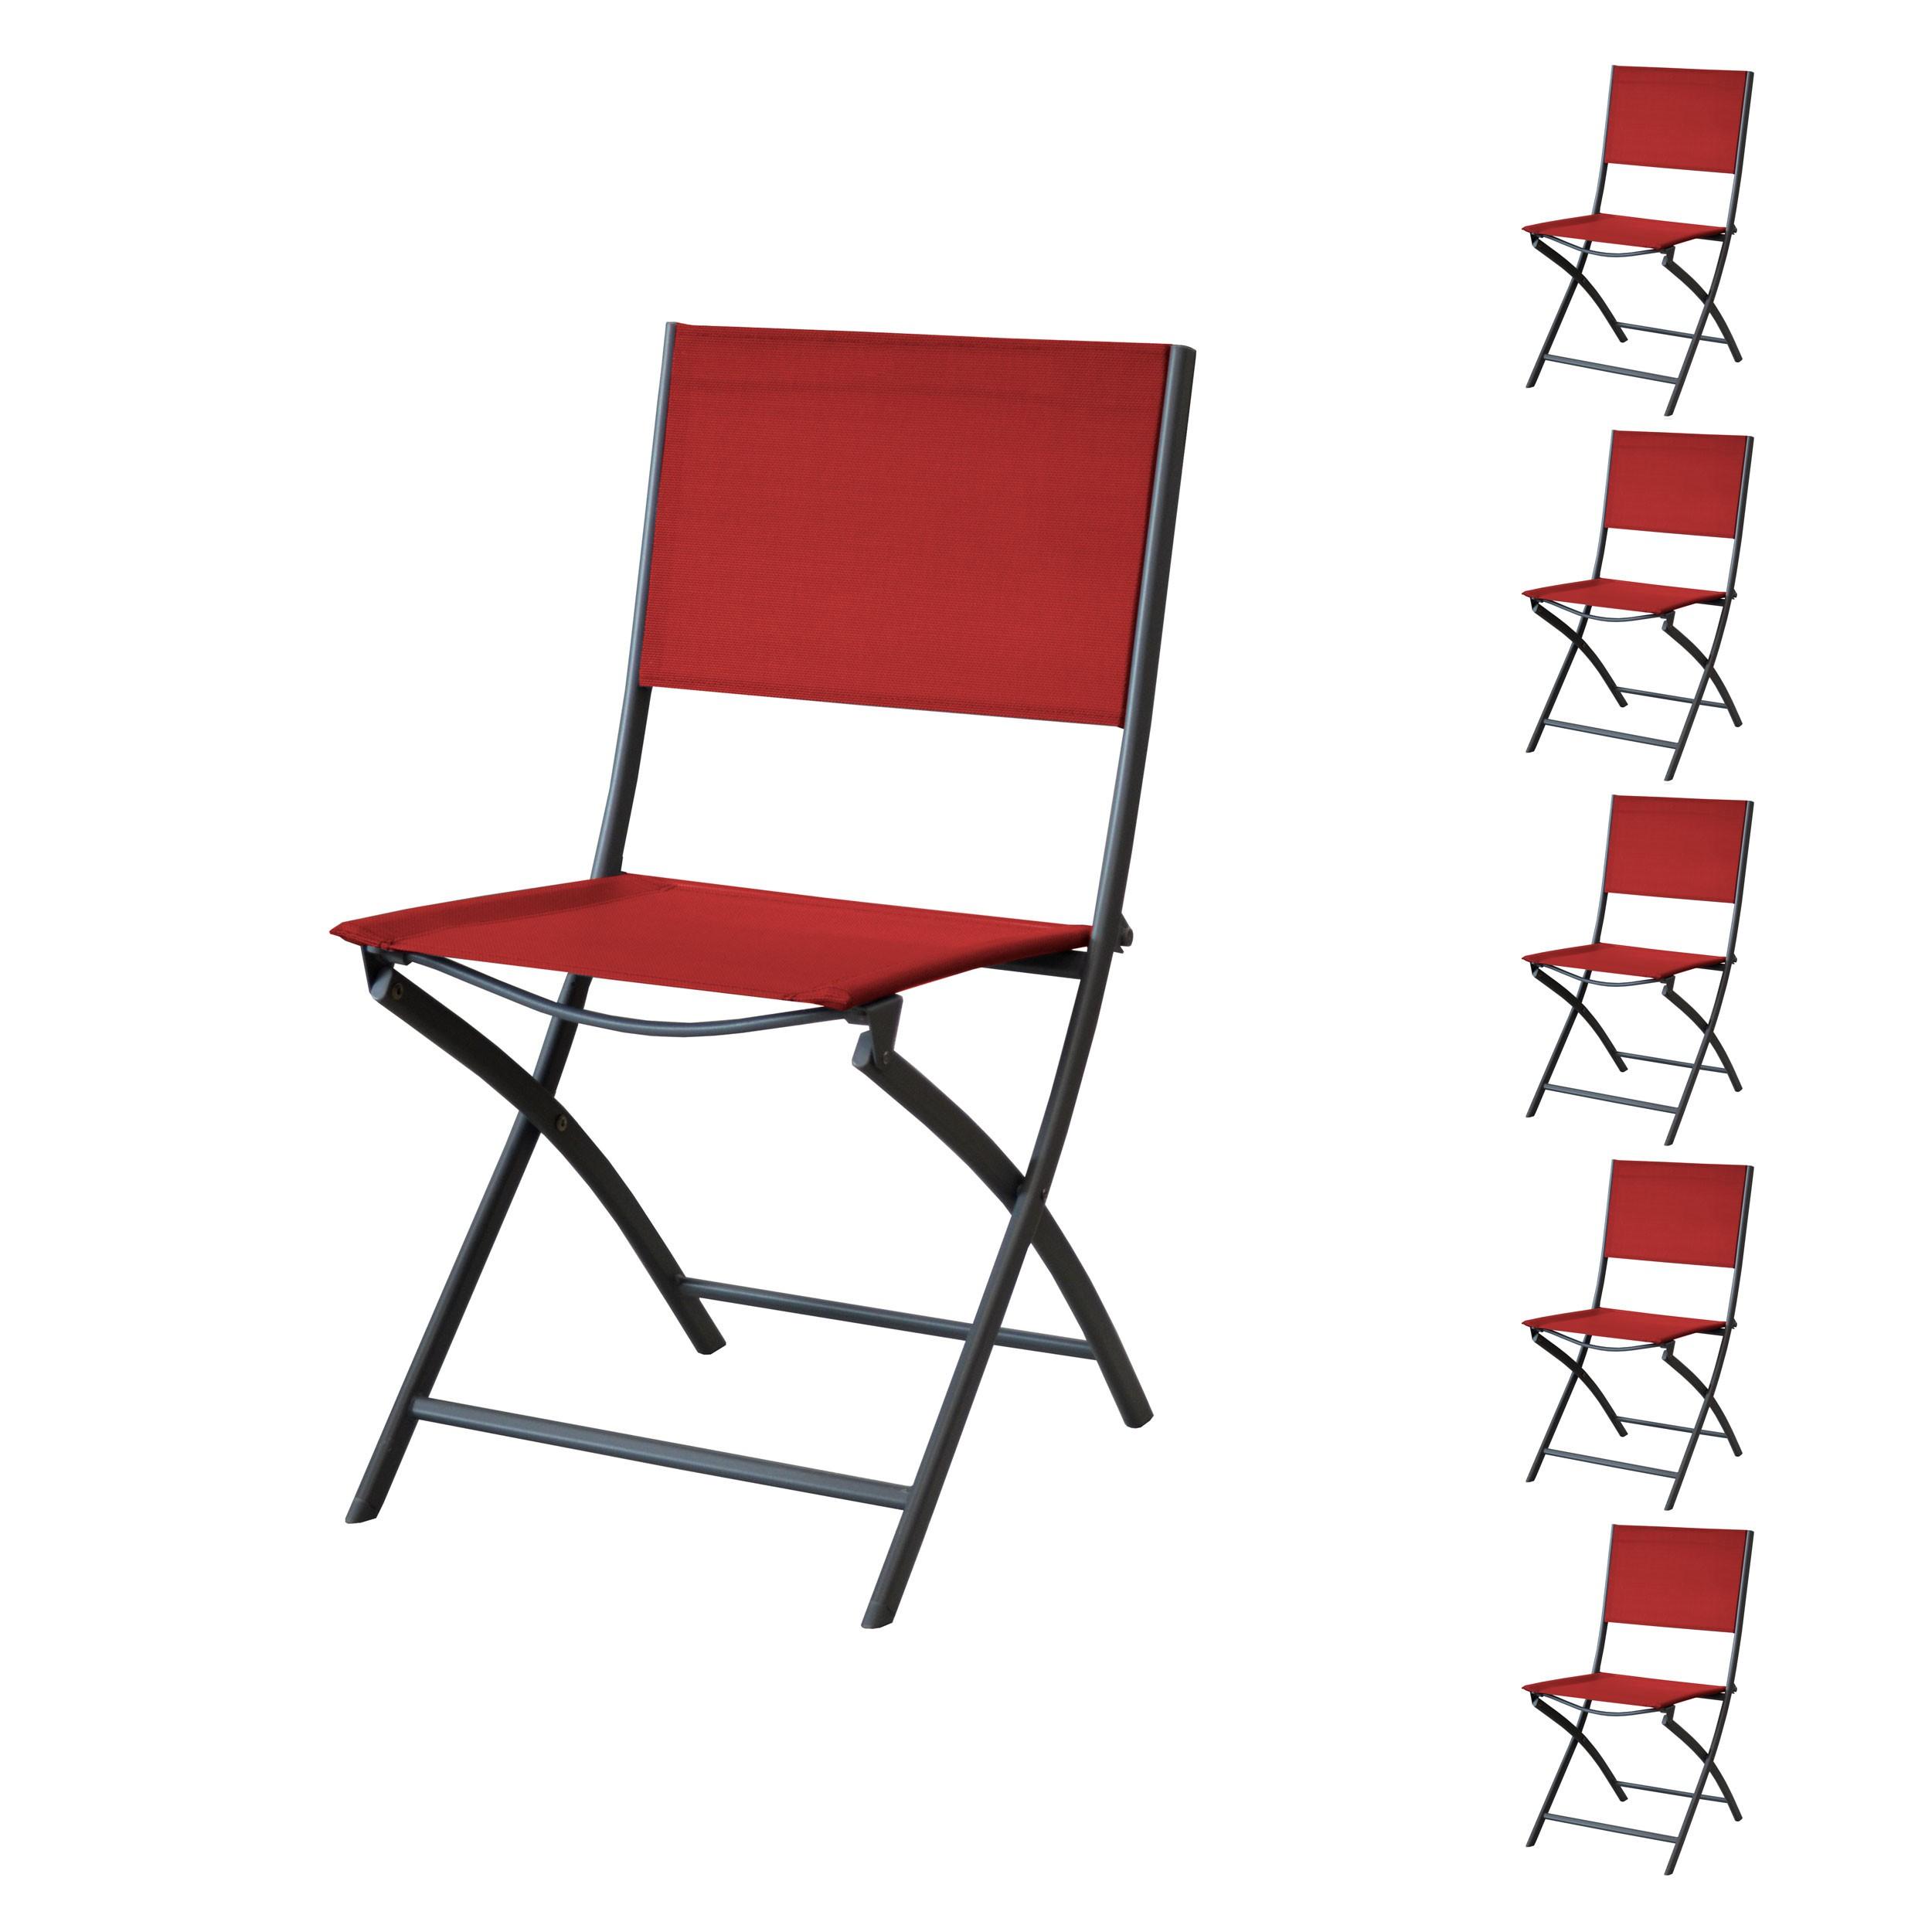 chaise de jardin santos pliable rouge lot de 6. Black Bedroom Furniture Sets. Home Design Ideas